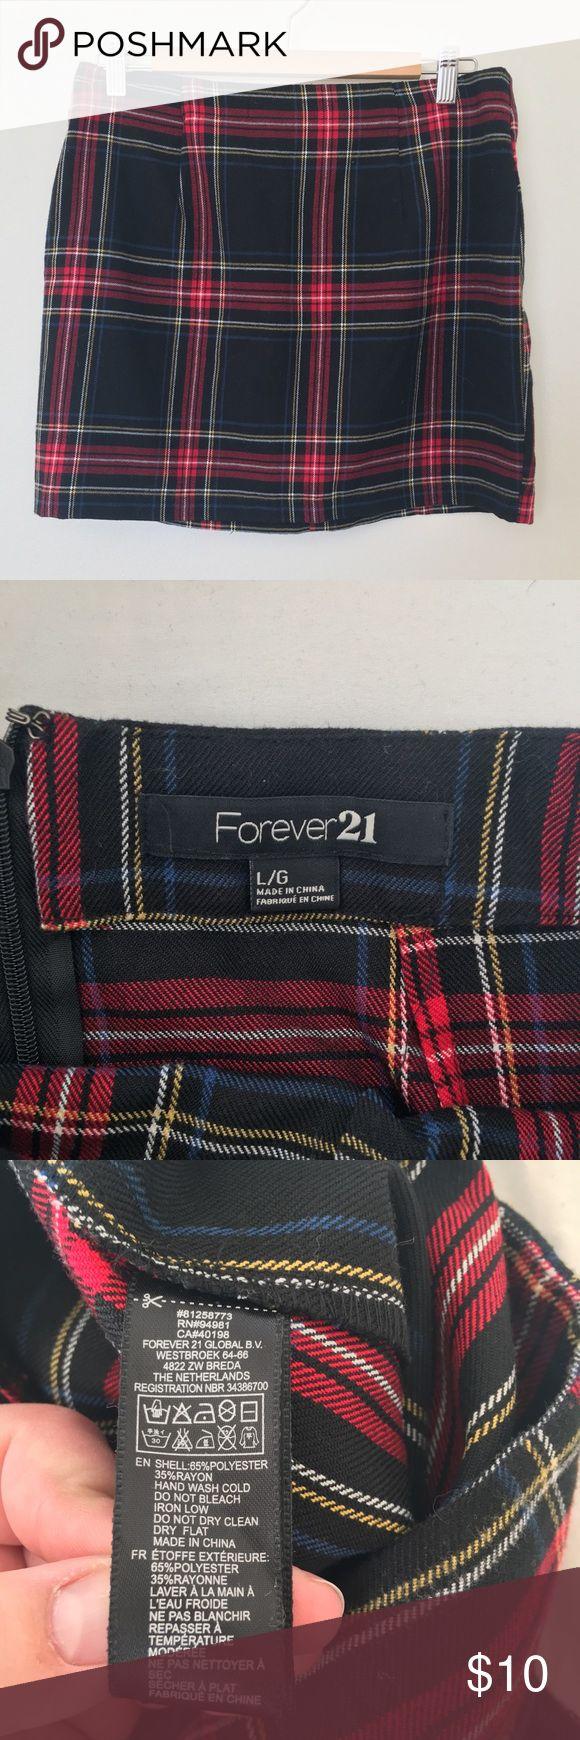 Forver 21 Mini Skirt Cute plaid mini skirt from Forever 21. Never worn. Total Cher from Cluesless vibes! Forever 21 Skirts Mini